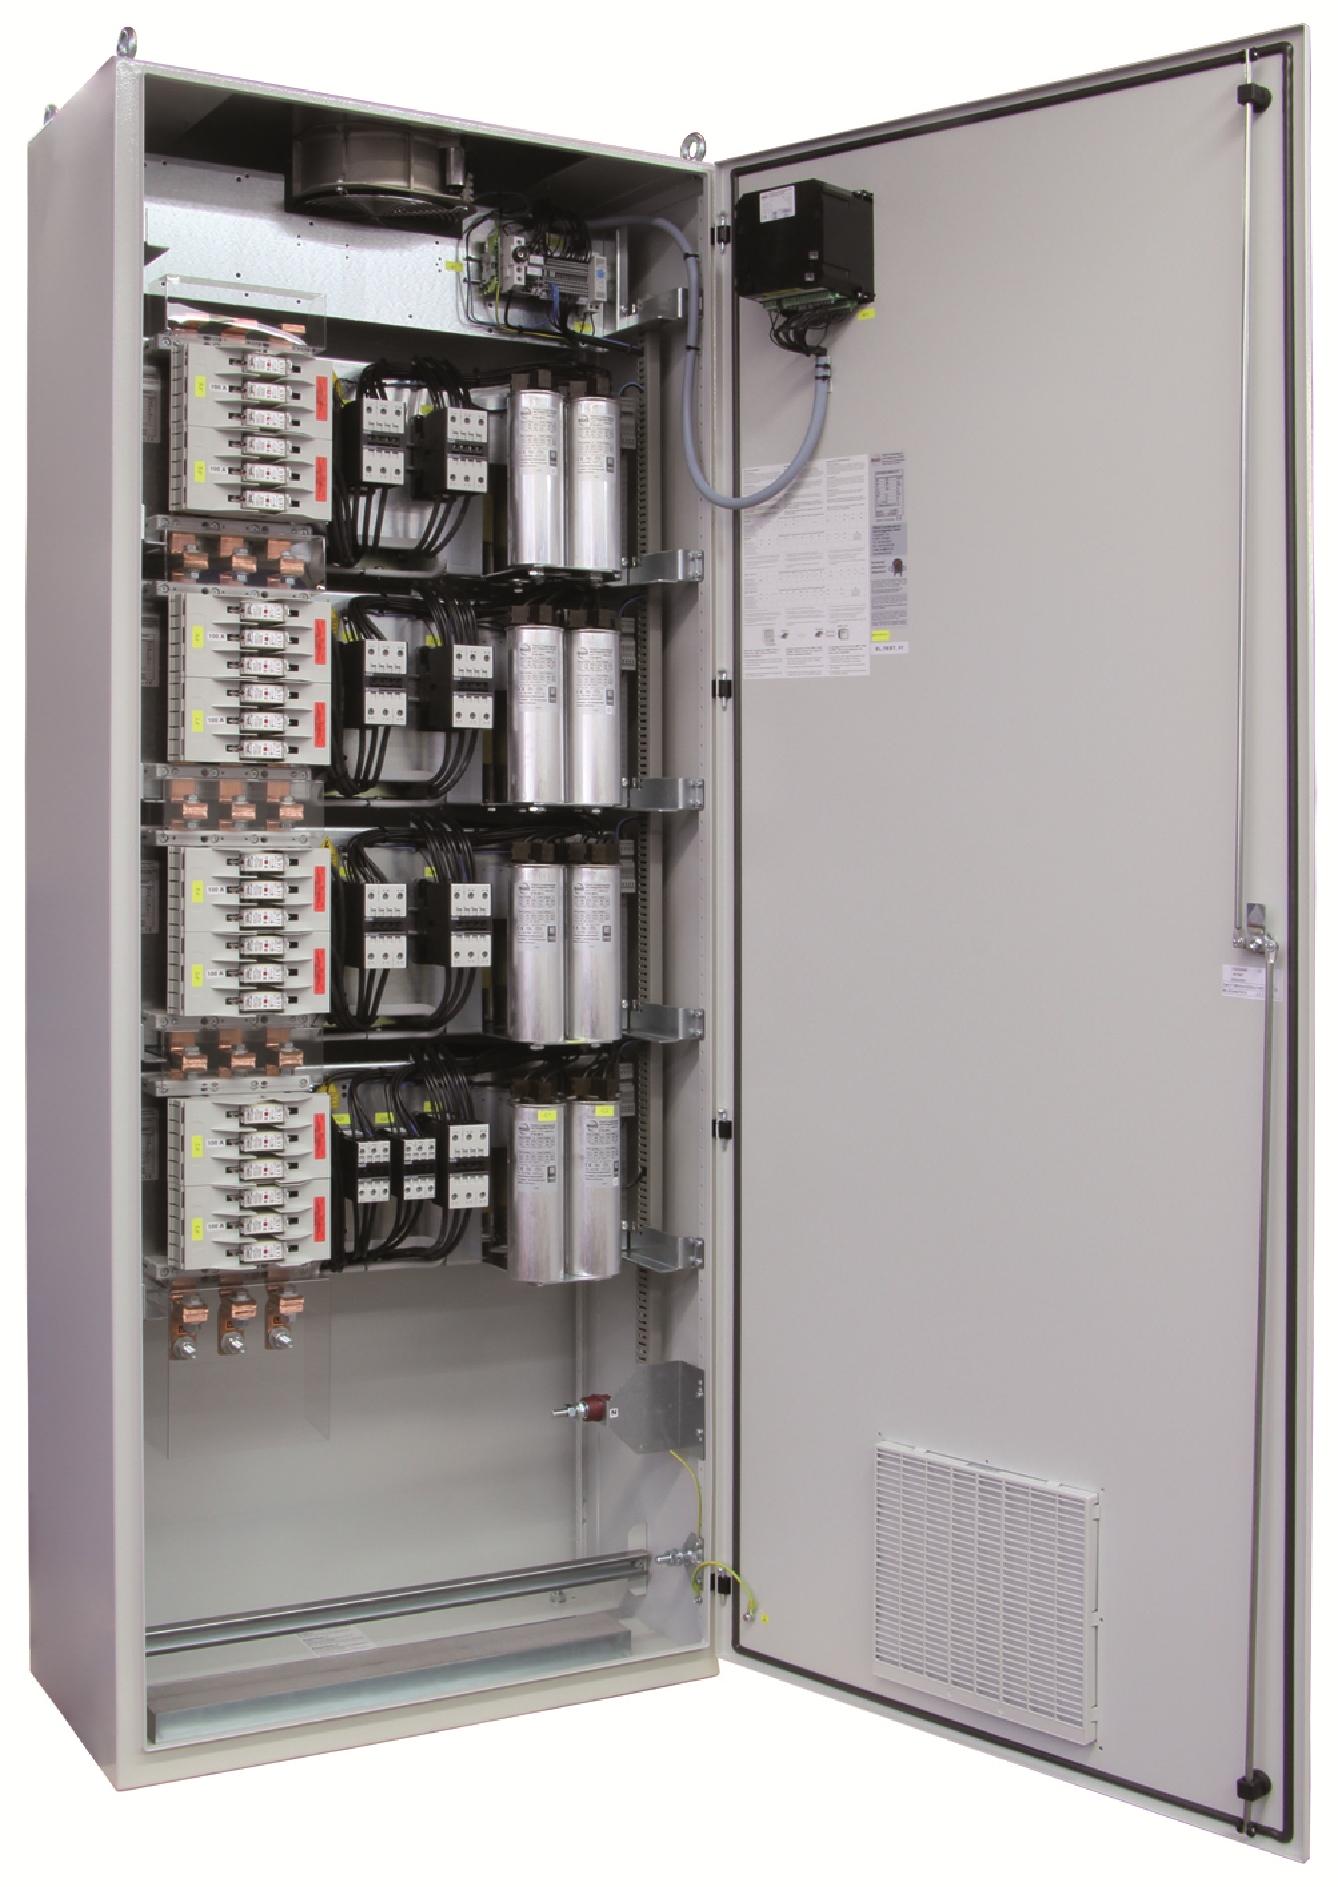 1 Stk Kompensation LSFC 7% 100/25kvar 600x2000x400mm FR3422655-